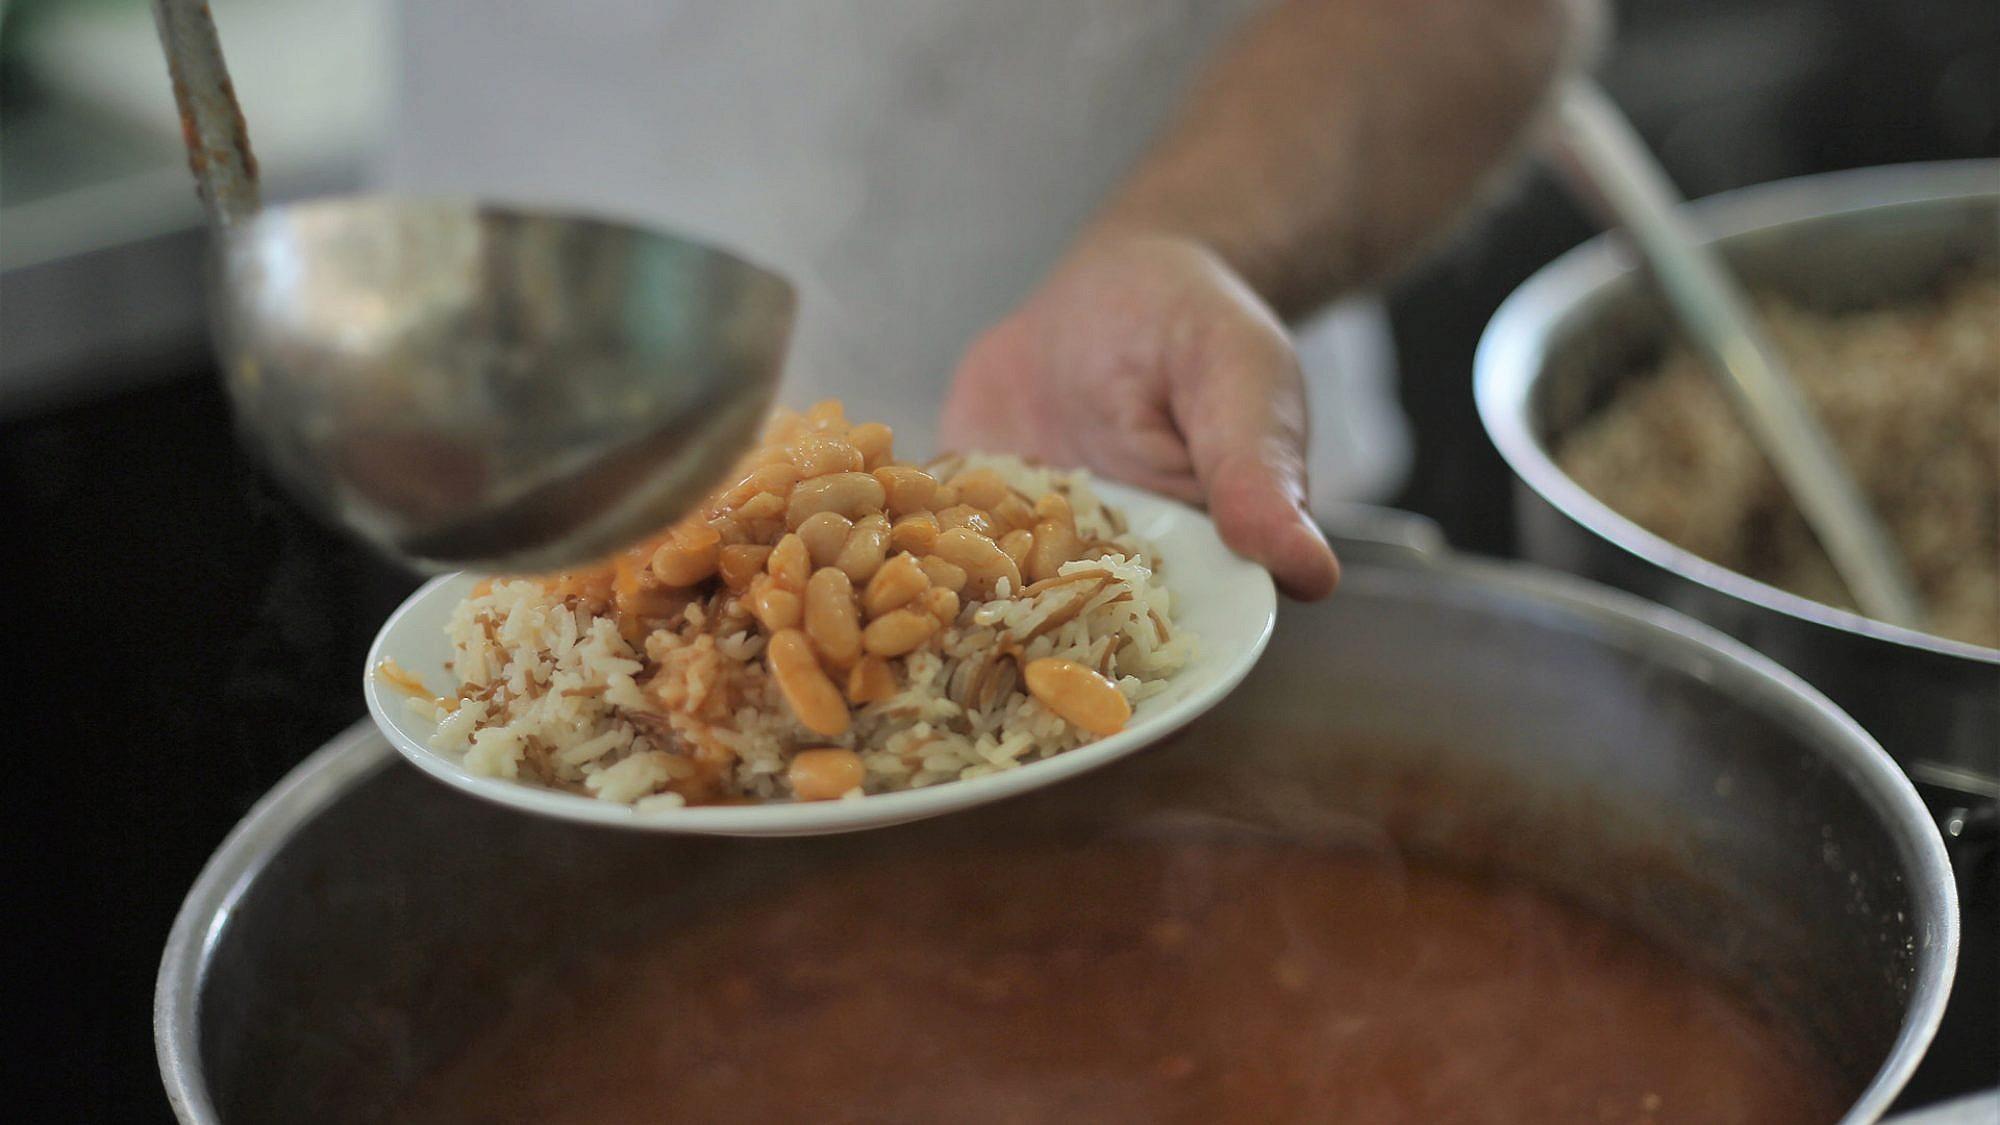 עזורה תל אביב. צילום : איתיאל ציון